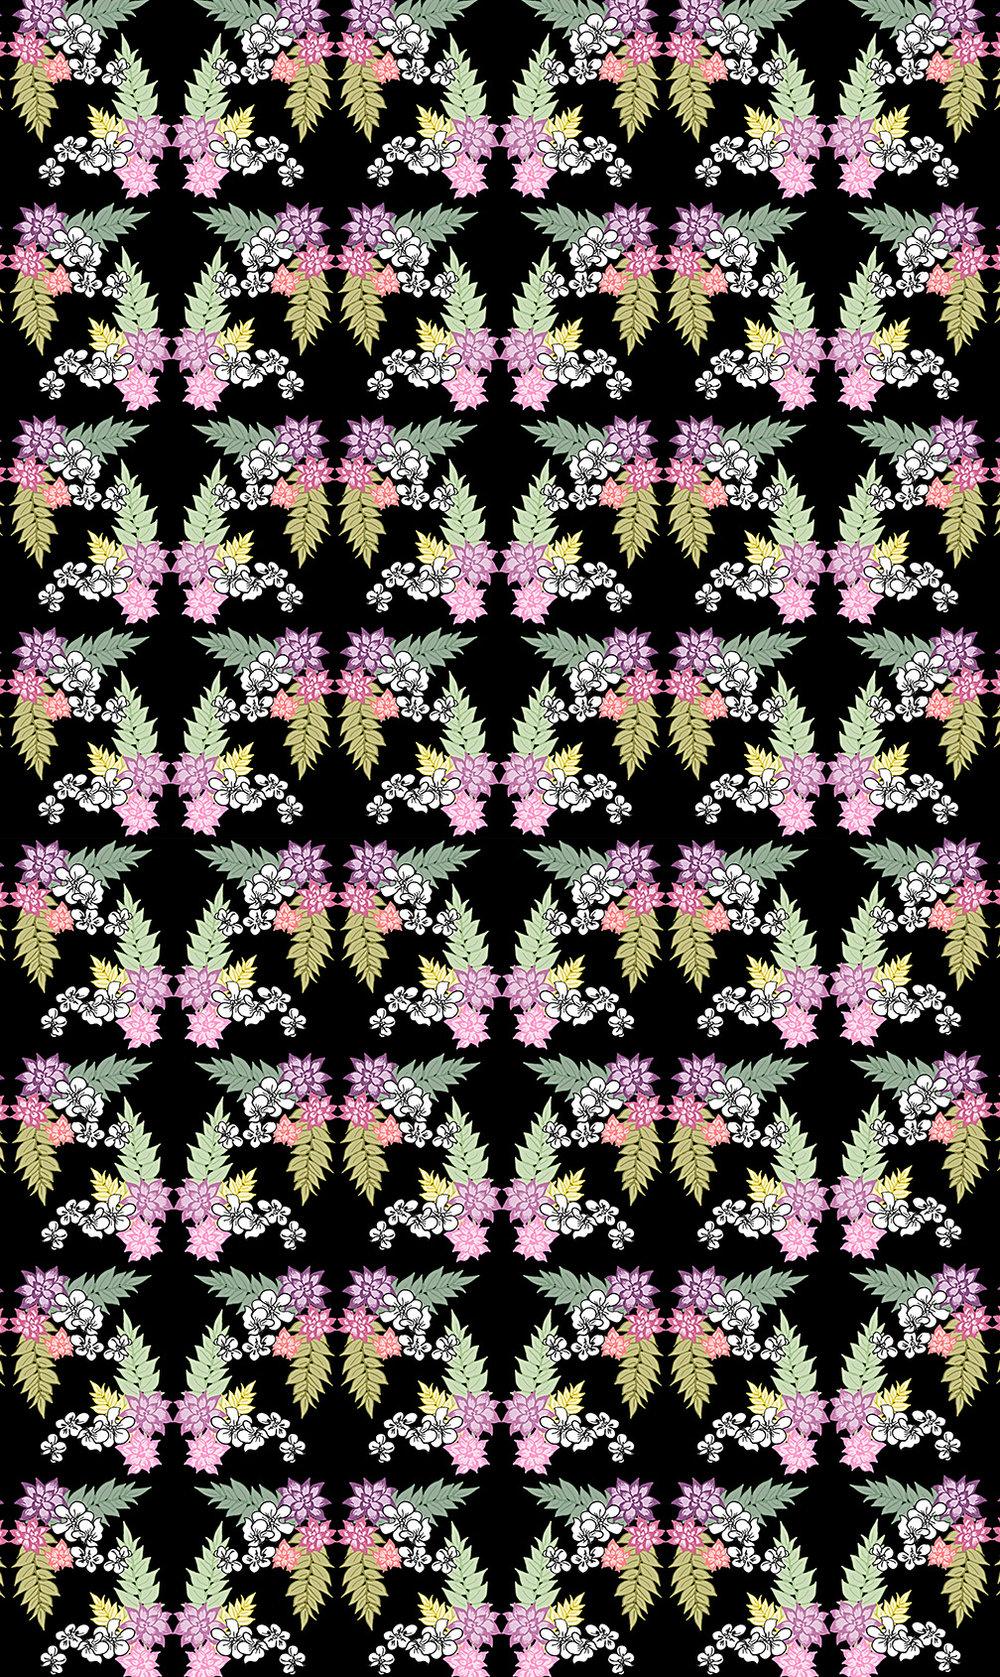 flowerprint.jpg